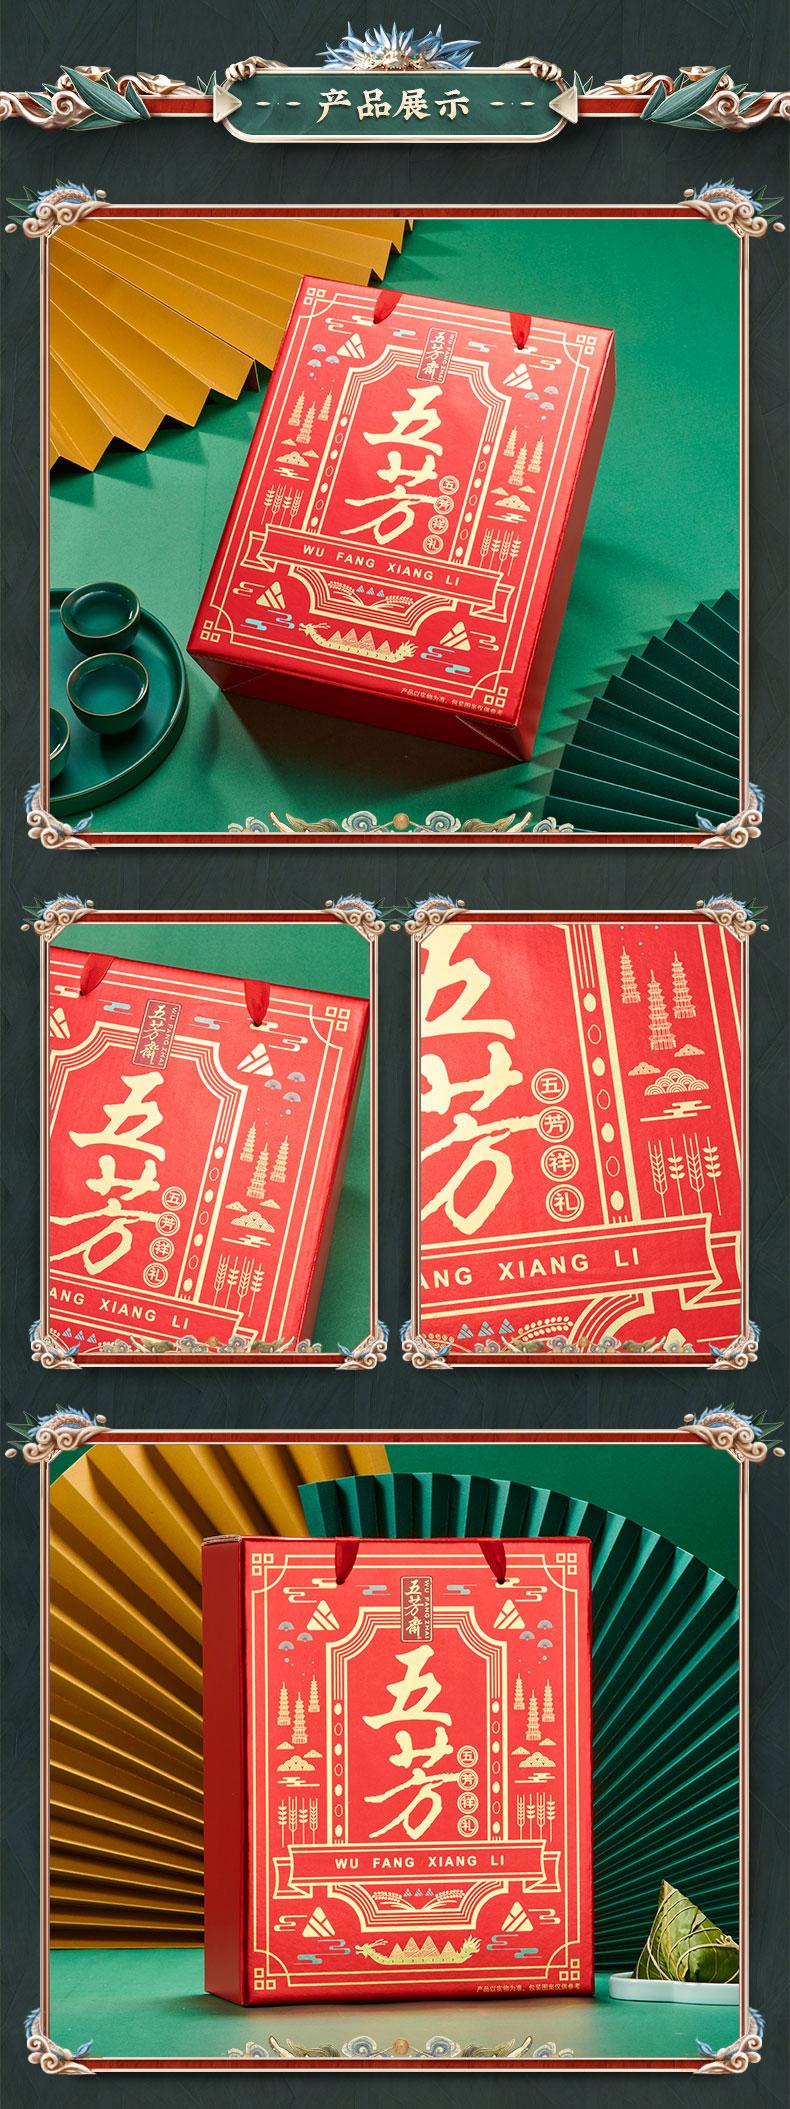 五芳斋 粽子礼盒 嘉兴特产粽子 猪肉粽彩豆粽咸鸭蛋五芳祥礼礼盒1040g